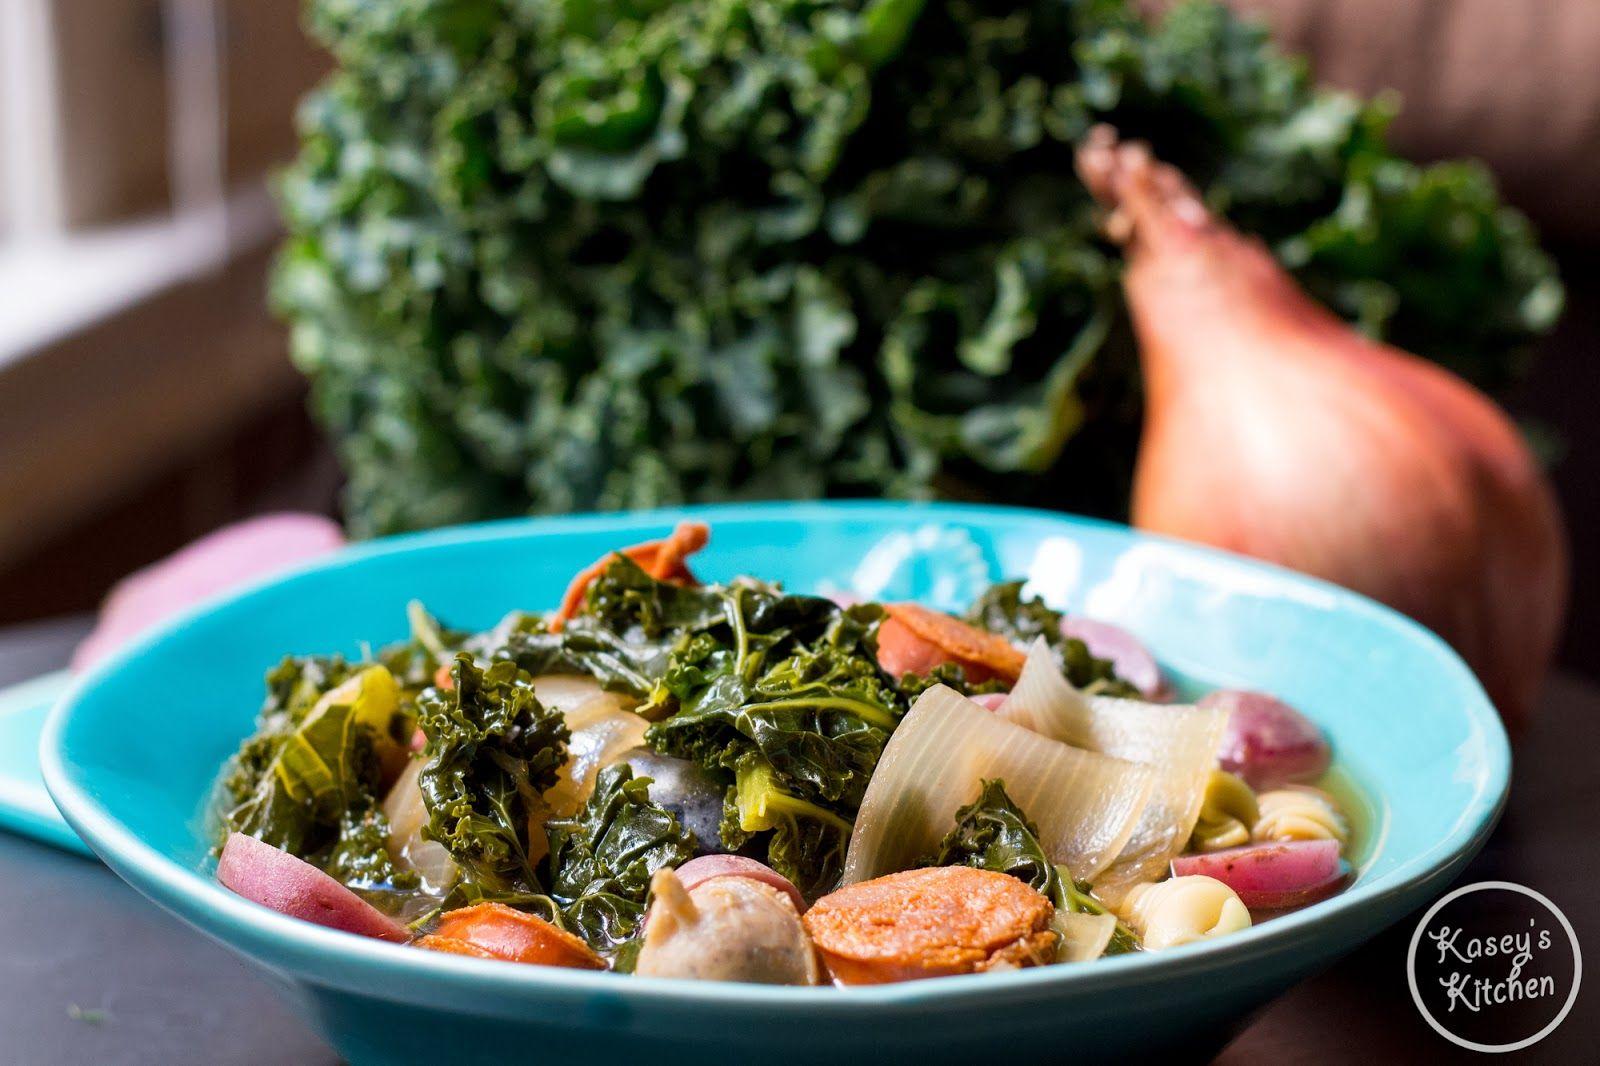 Kasey's Kitchen: Portuguese Kale Soup Recipe